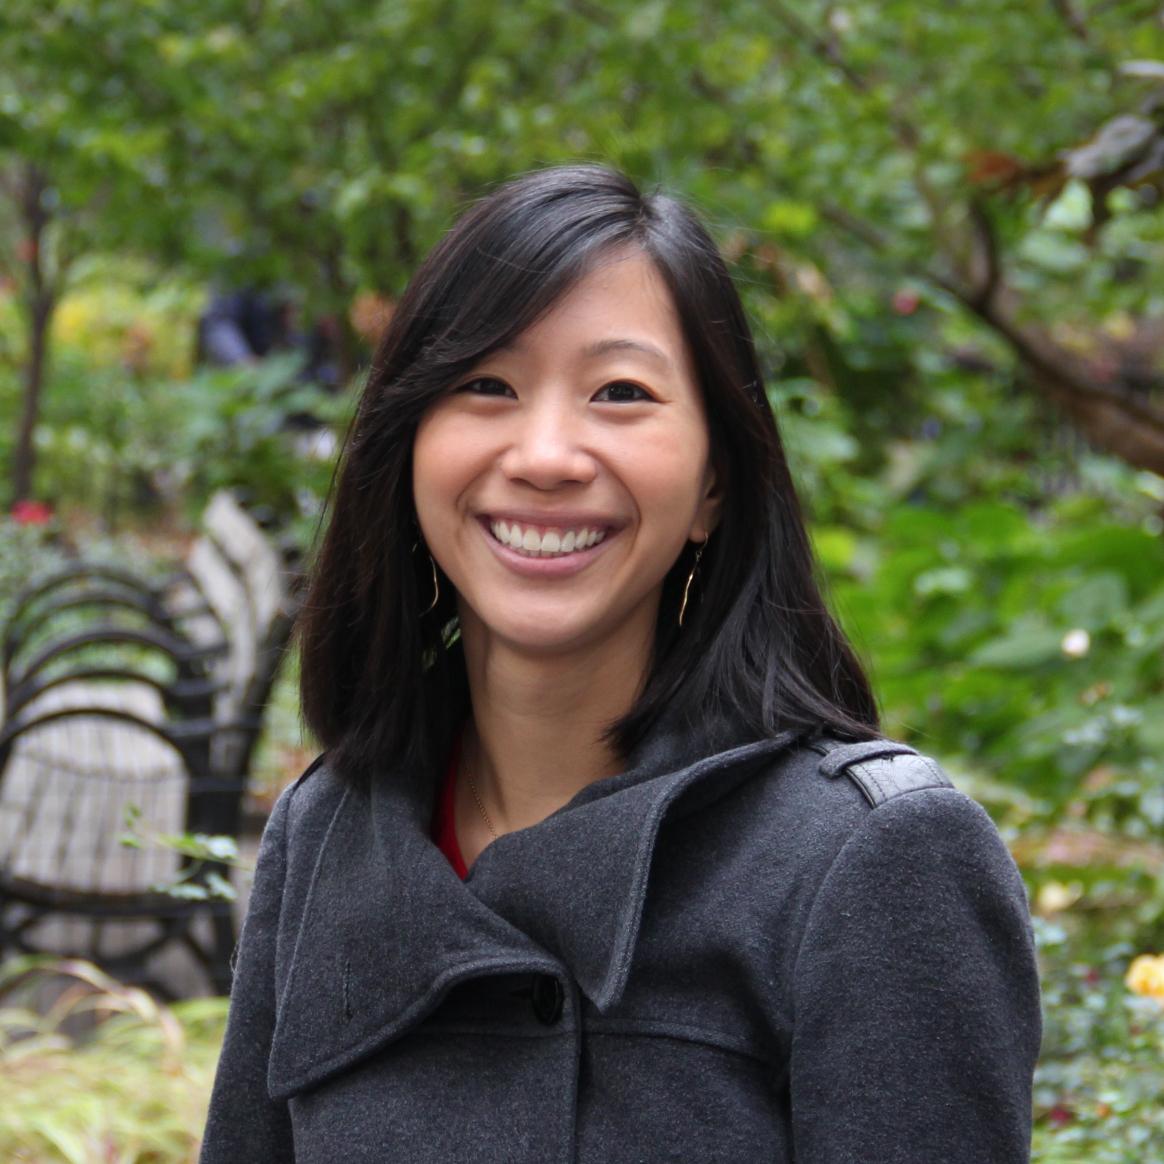 Tiffany Yu, founder of Diversability